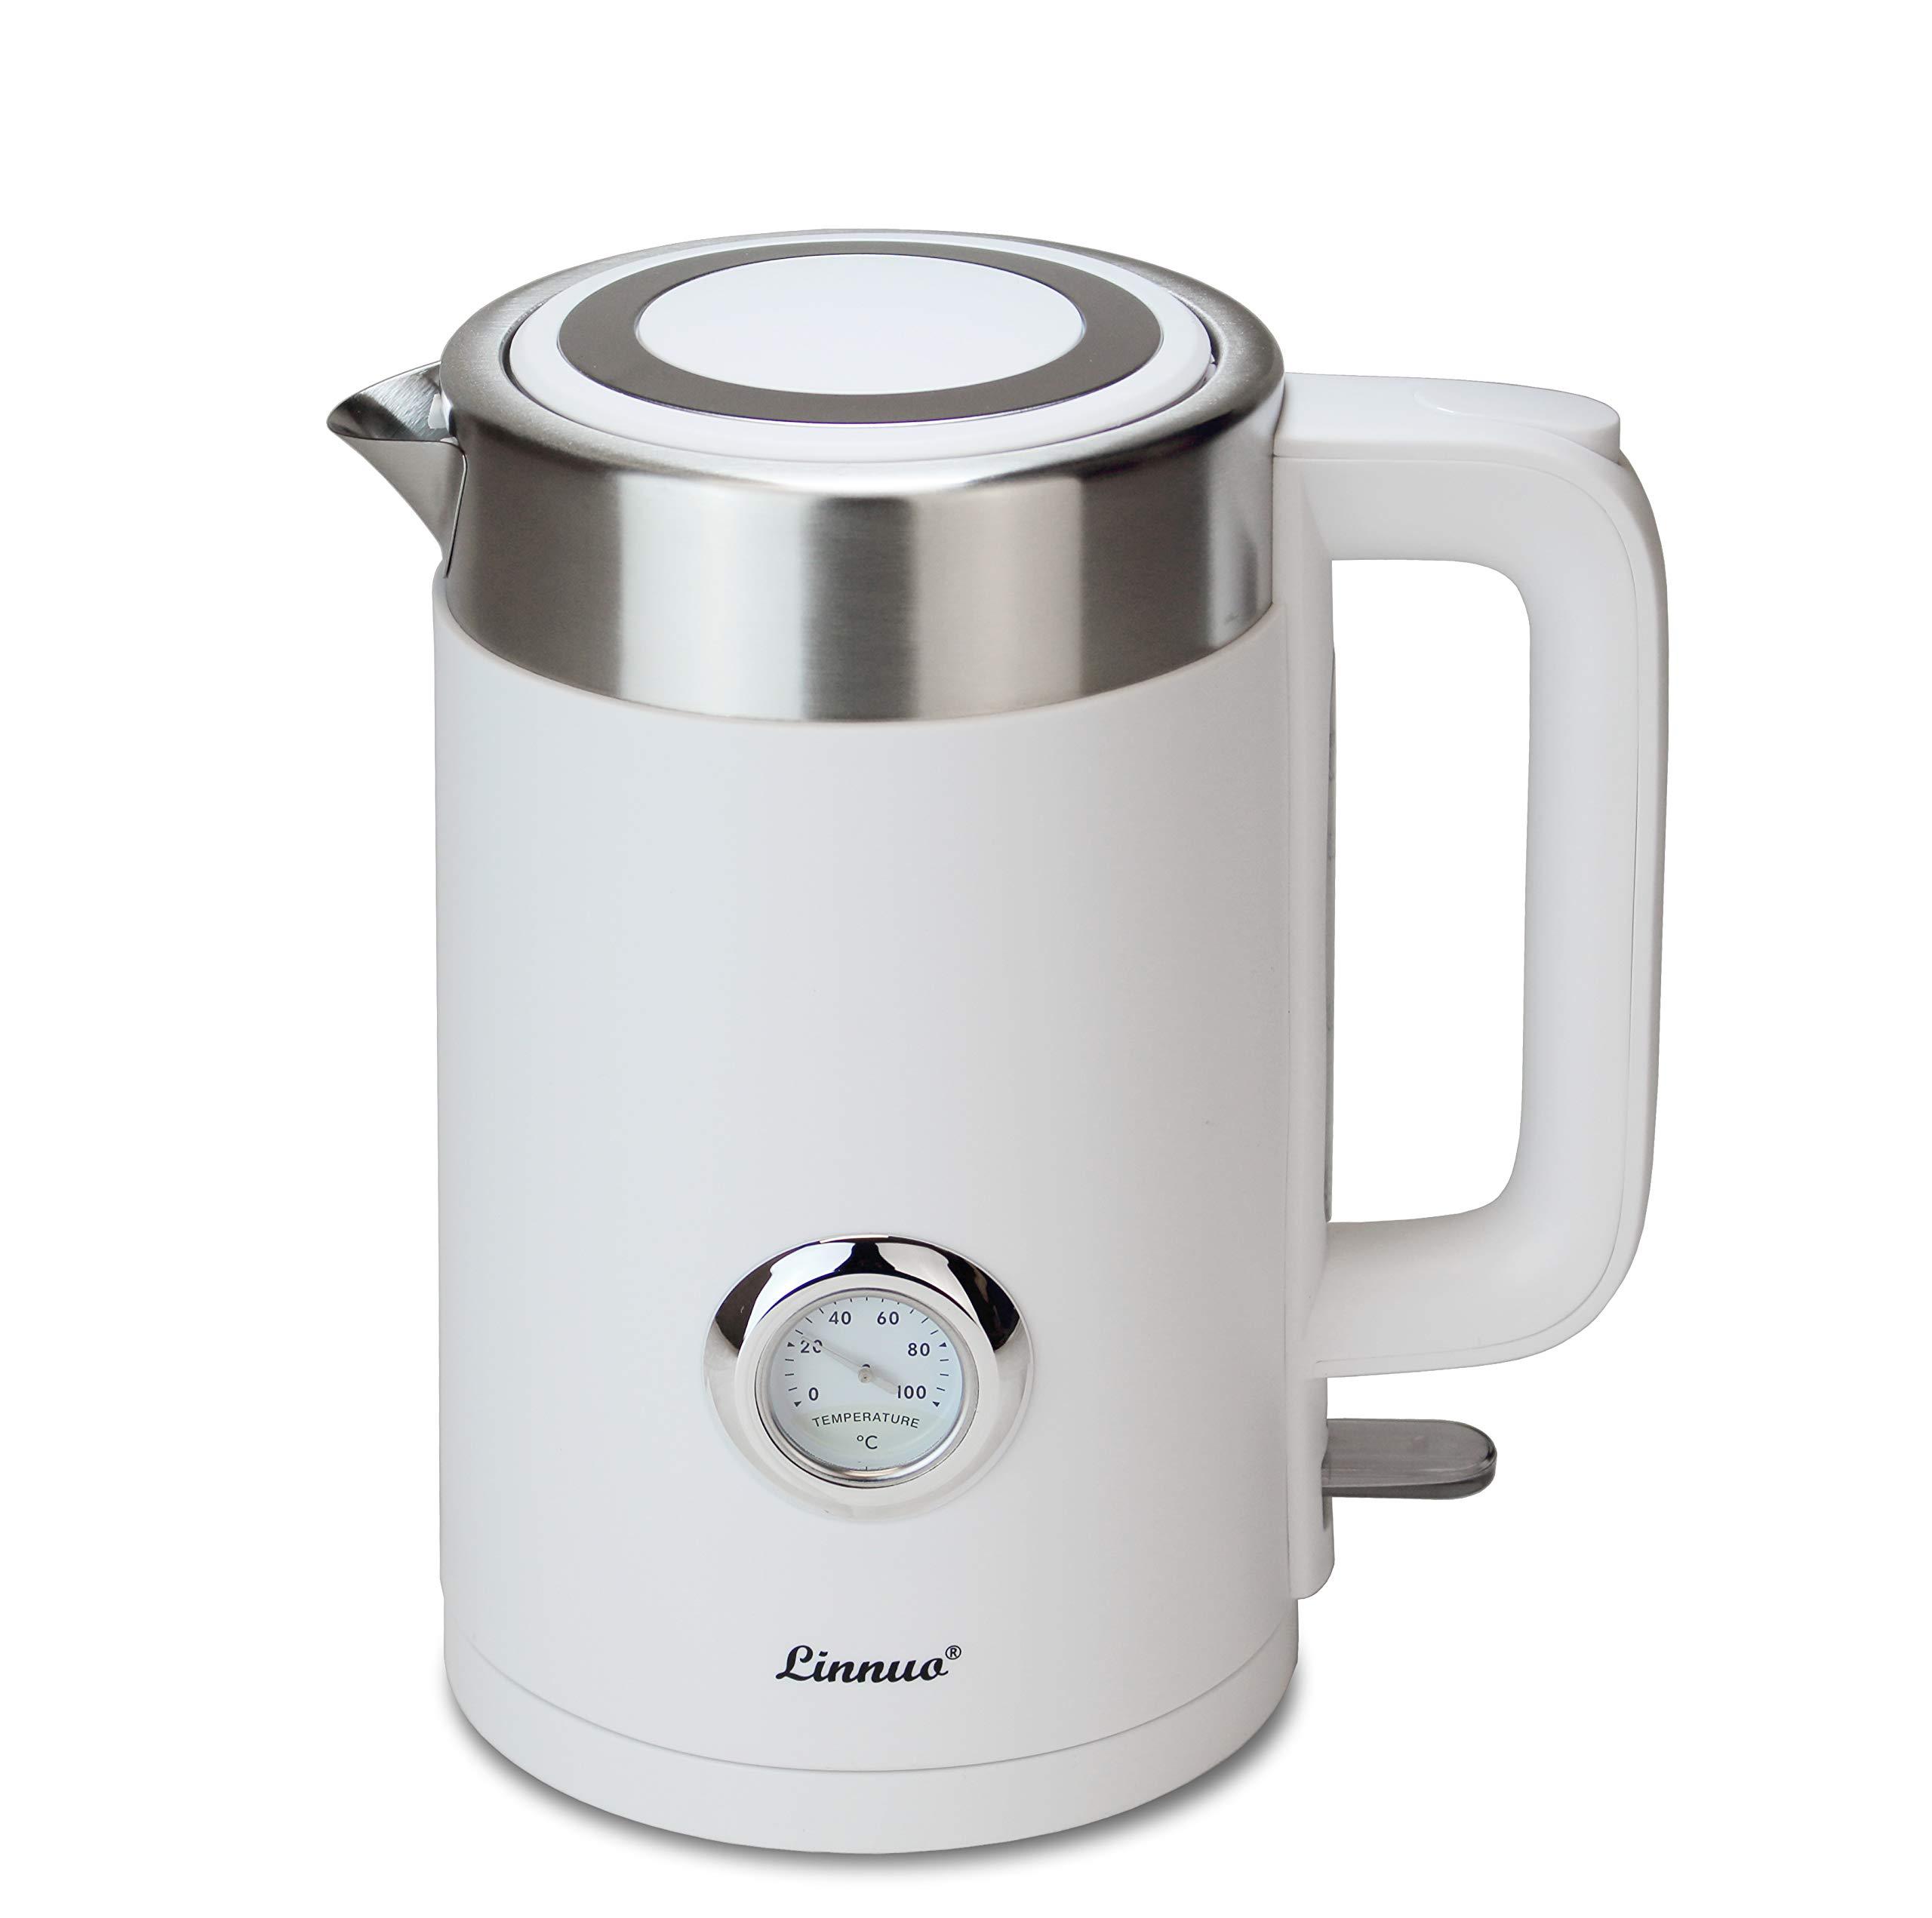 Linnuo-Wasserkocher-Edelstahl-2200-W-17-Liter-mit-Temperaturanzeige-wrmeisoliertes-Doppelwand-Gehuse-EdelstahlWei